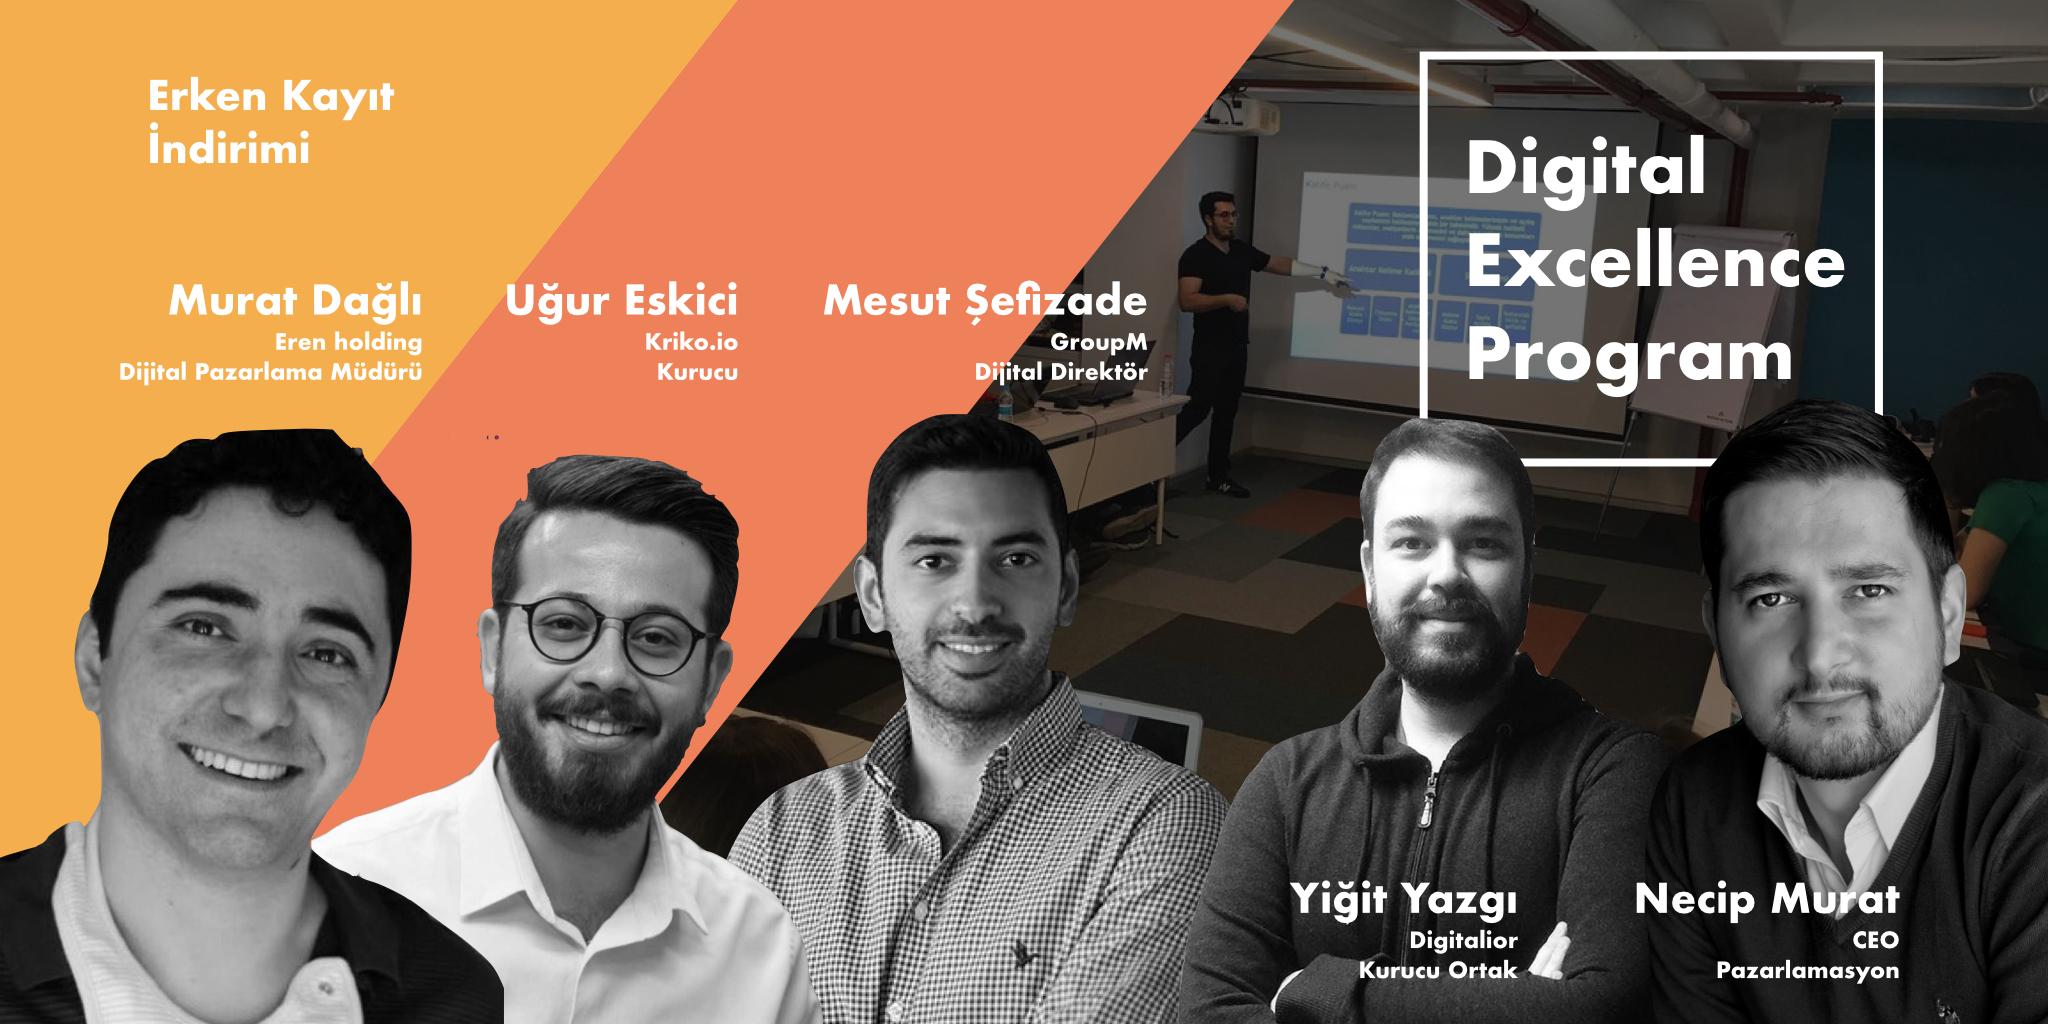 Dijital Excellence Program'da Erken Kayıt için Son 4 Kontenjan